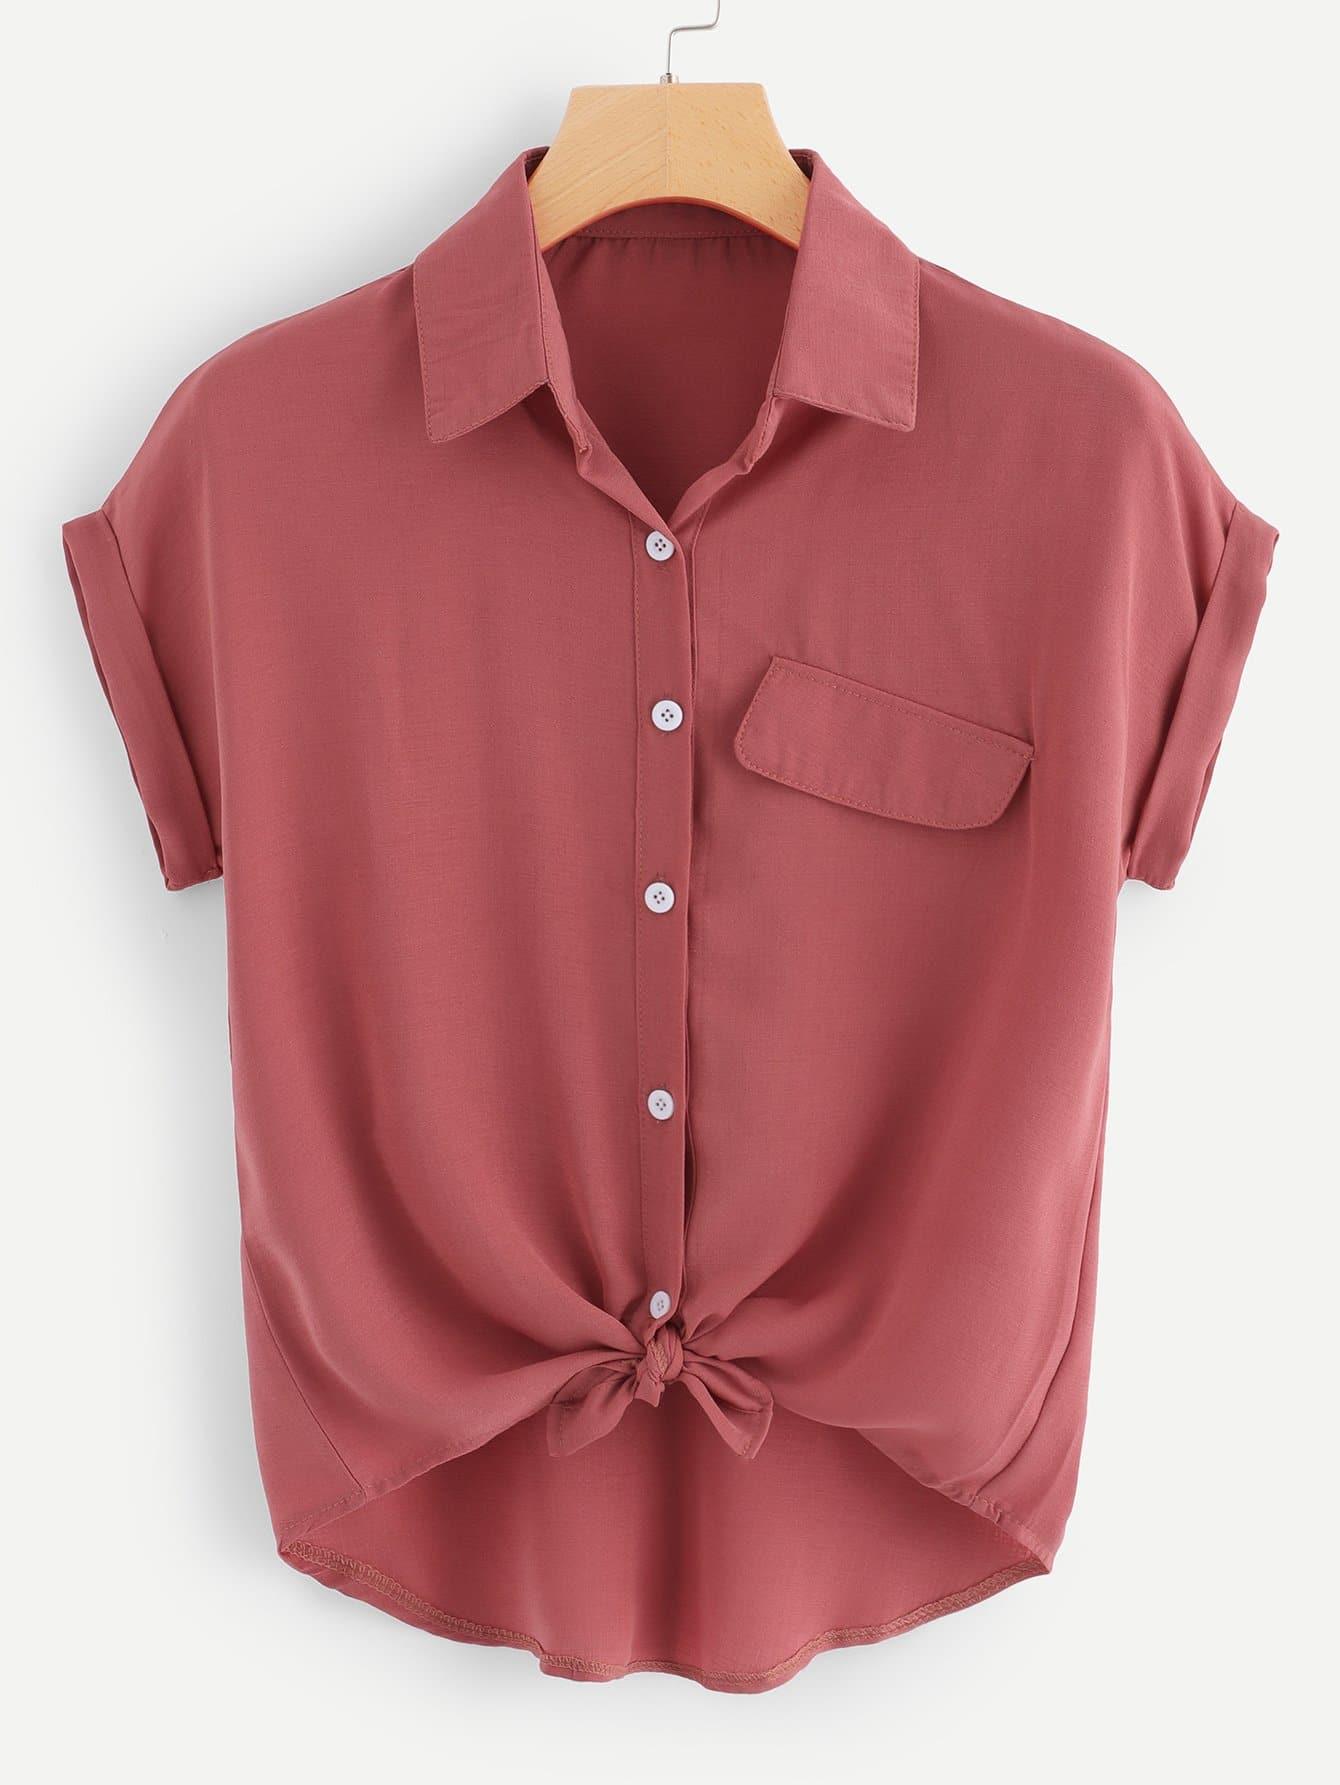 Купить Повседневный Одноцветный Пуговица Ржаво-коричневый Блузы+рубашки, null, SheIn